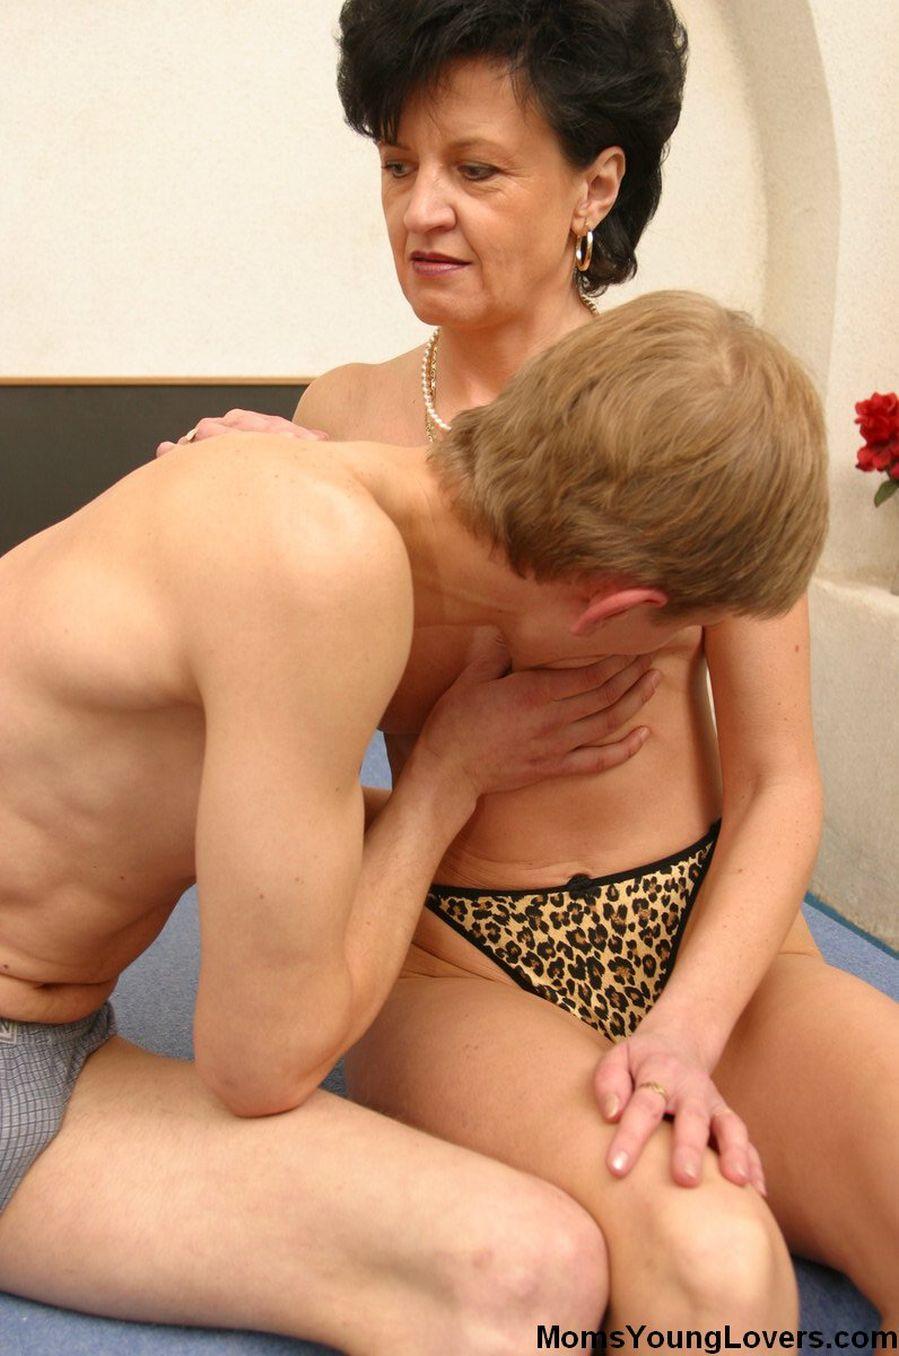 Смотреть порнуху старыми бабами, поимел очень жестко